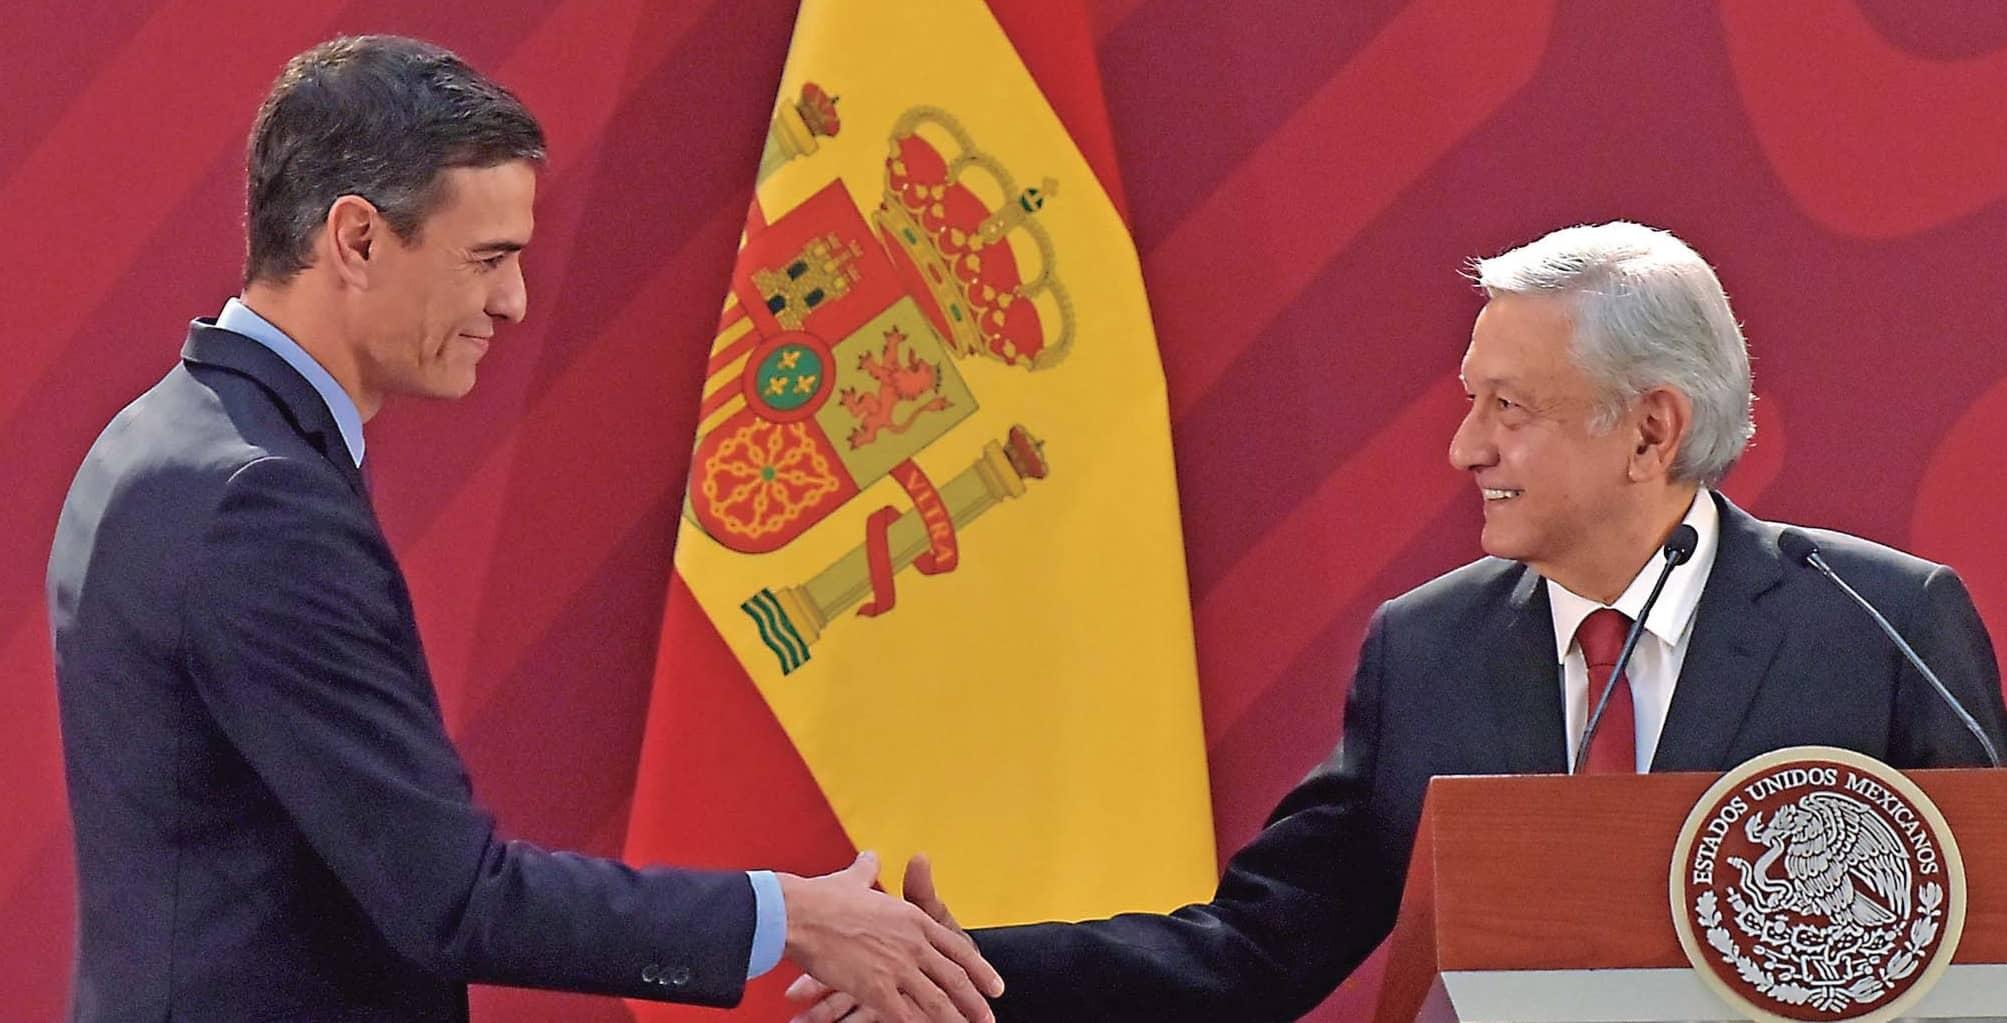 El mensaje de López Obrador puso de cabeza a los españoles... y a los mexicanos